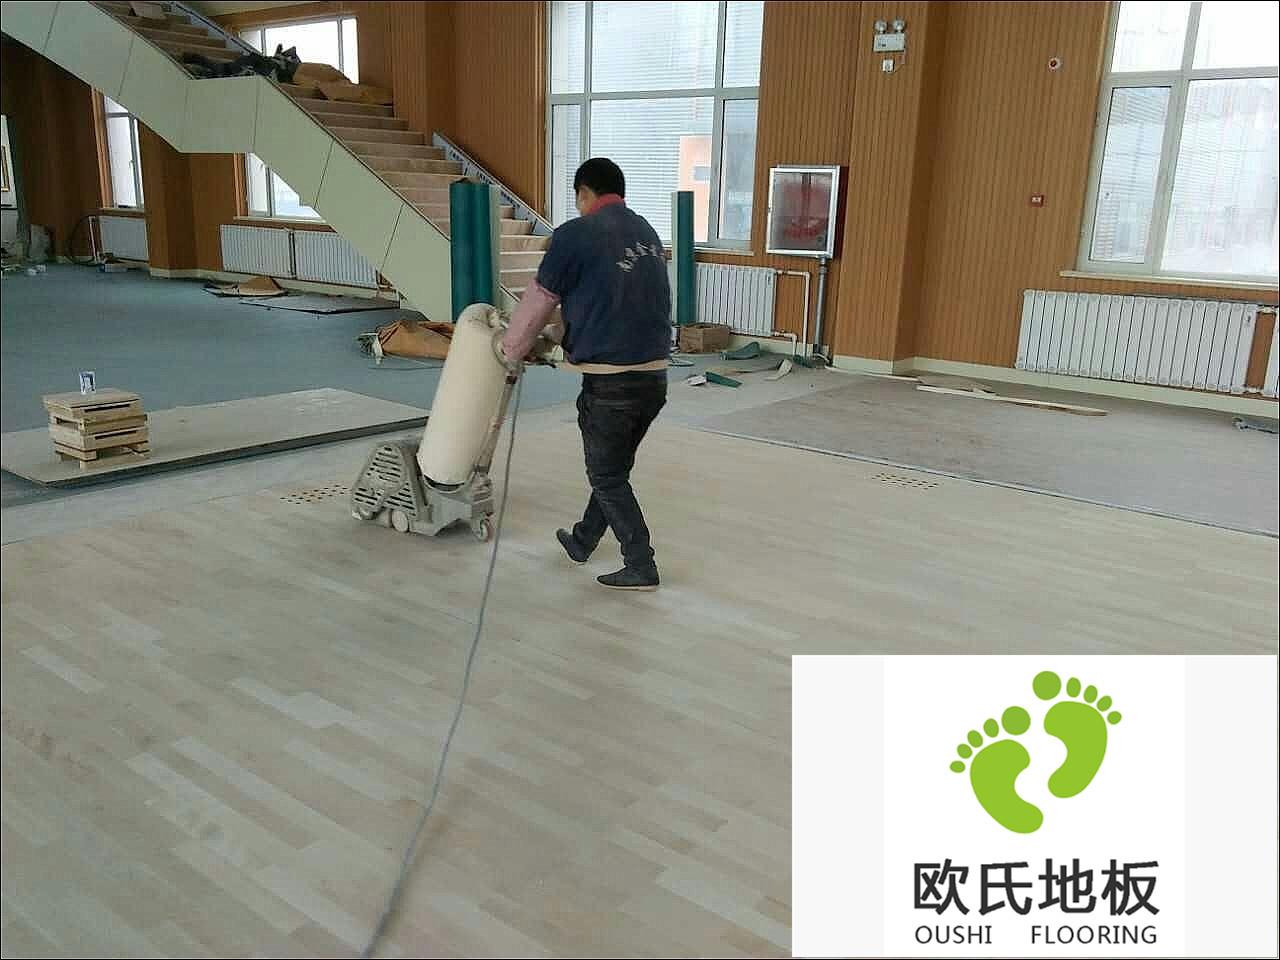 体育木地板打磨翻新流程